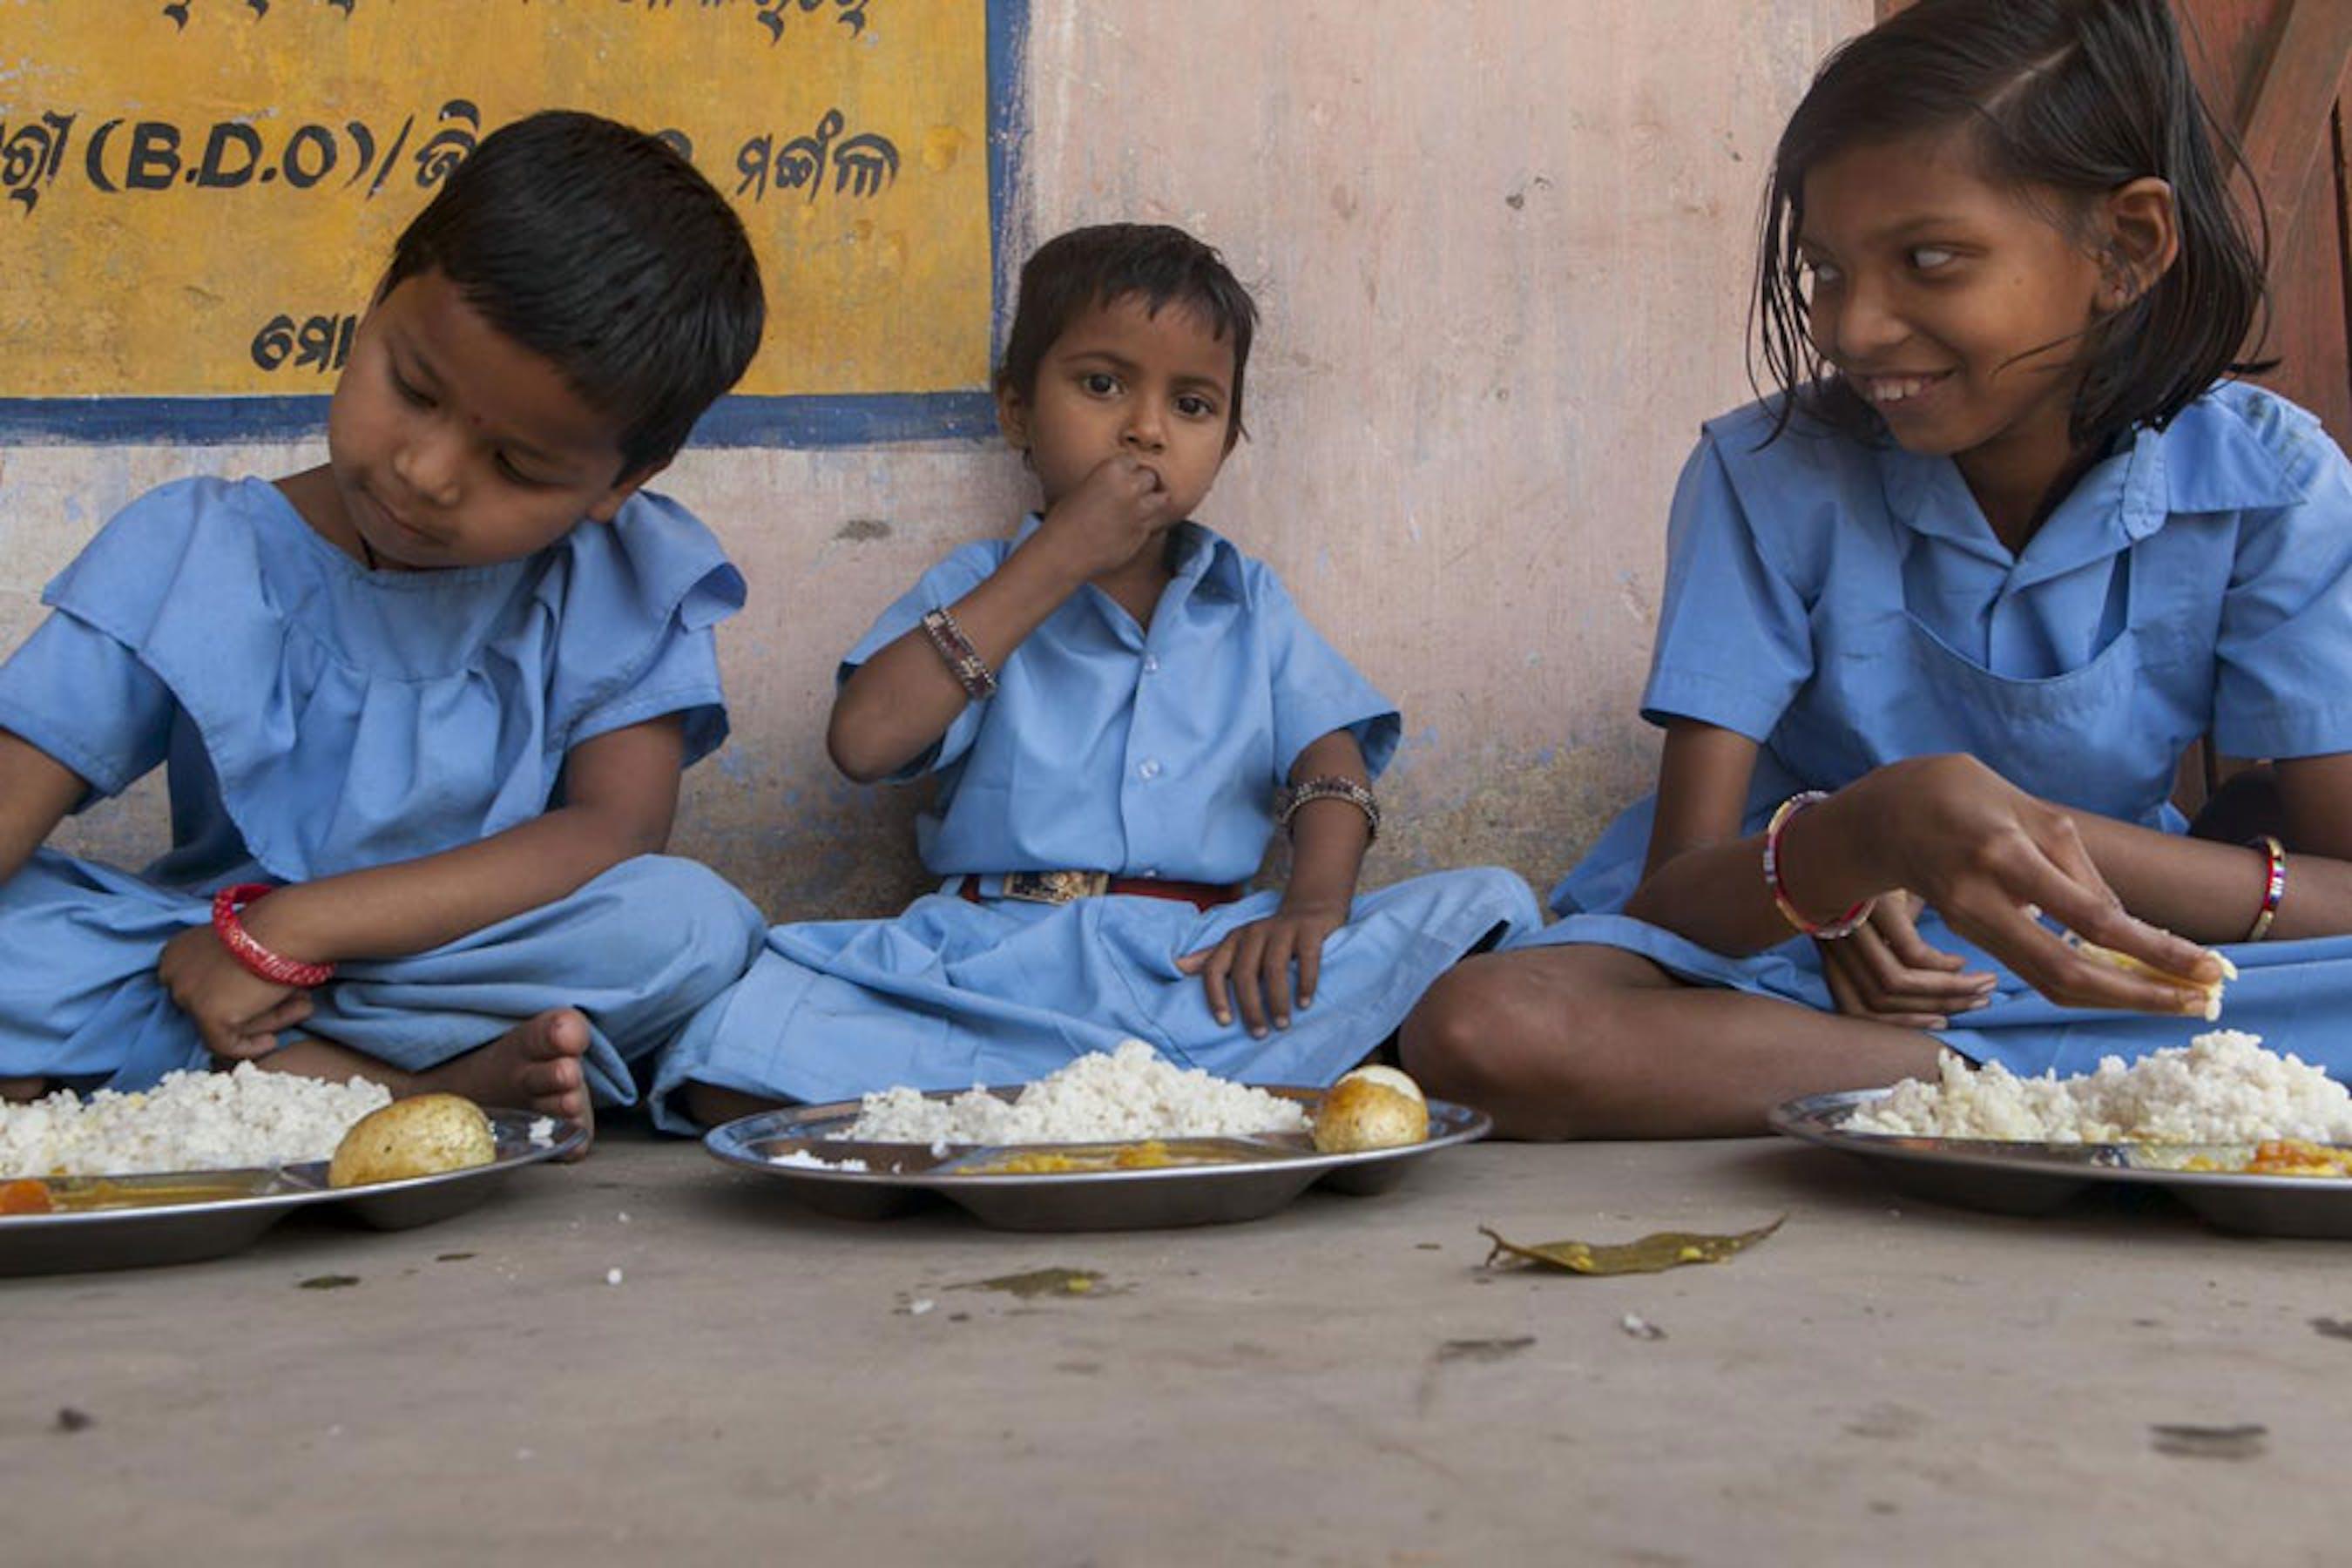 Il pasto di mezzogiorno in una scuola per l'infanzia del villaggio di Baluka, nello stato indiano dell'Odisha - ©UNICEF India/2013-0051/Prashanth Wishwanathanjpg